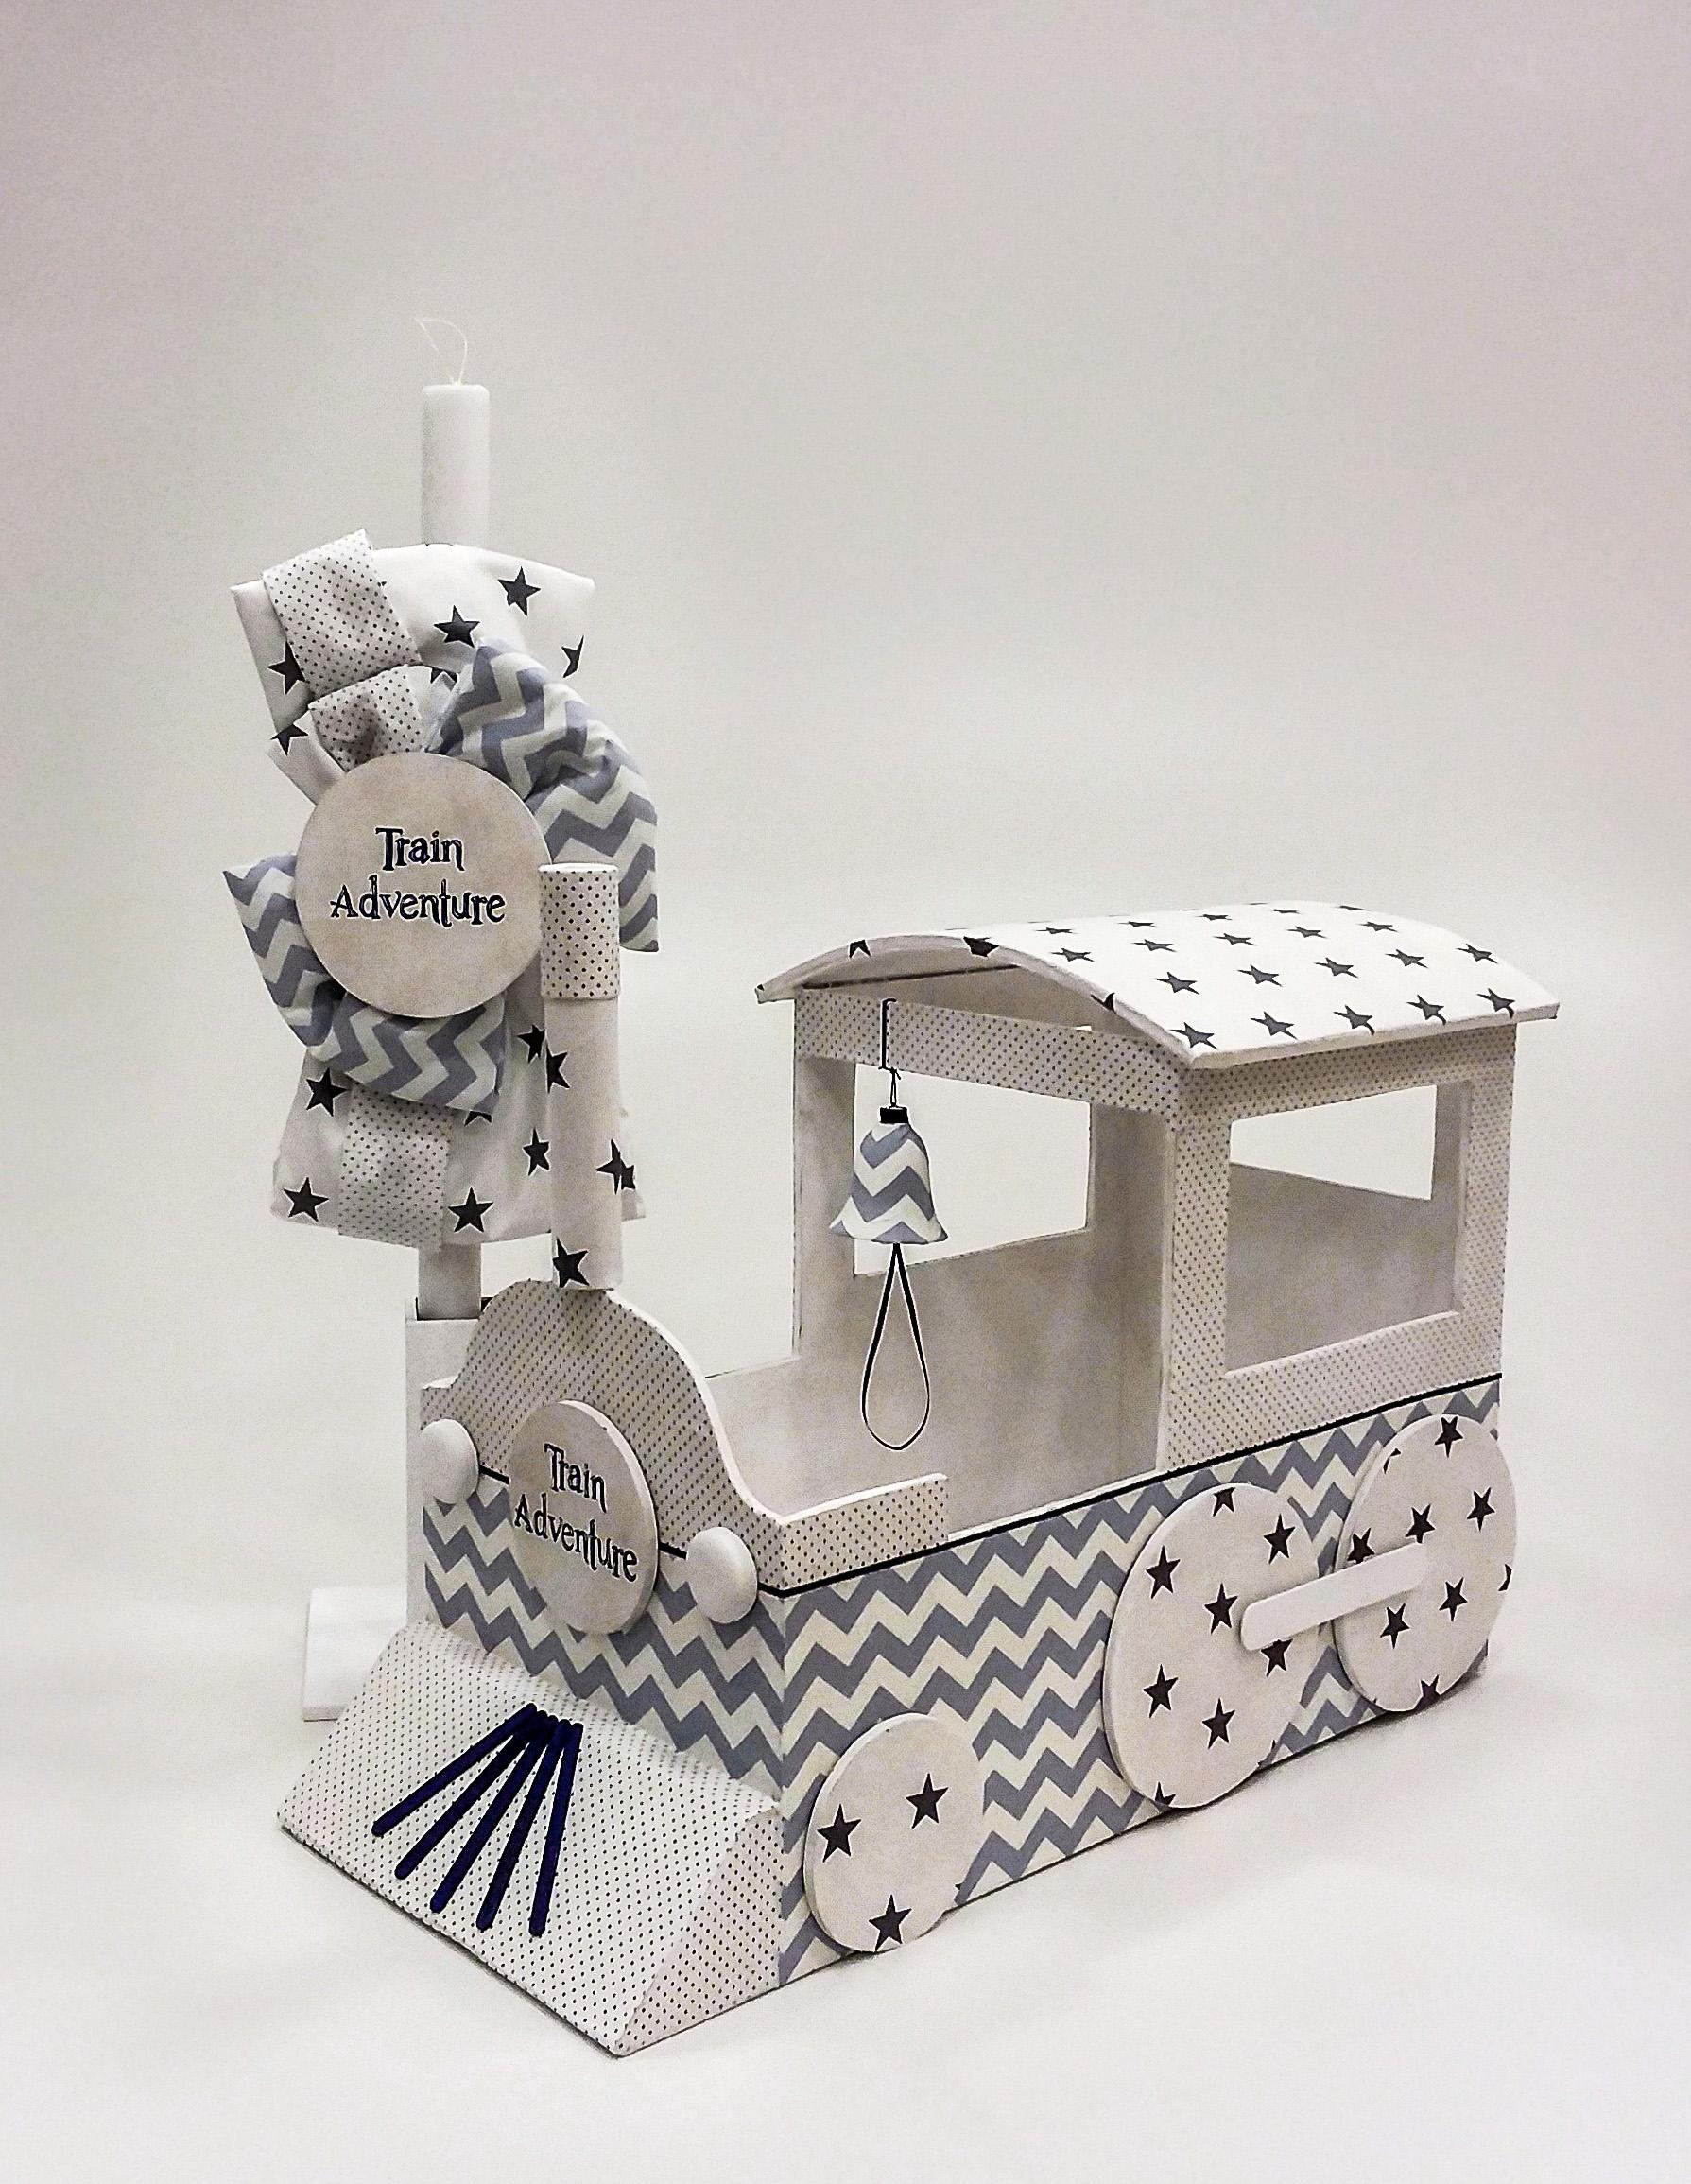 """Χειροποίητο βαπτιστικό κουτί """"παιδικό τραίνο"""" by Elena Manakou  Χειροποίητο ξύλινο κουτί βάπτισης με θέμα Baby train ζωγραφισμένο στο χέρι και διακοσμημένο με αστεράκια και ρίγες σε παλ γαλάζιο γκρι και μπλε σκούρο χρώμα συνδυάζεται με τη λαμπάδα, το λαδοσετ (μπουκαλάκι, σαπουνάκι και 3 μικρά κεράκια) όλα στο ίδιο ύφος με το κουτί."""